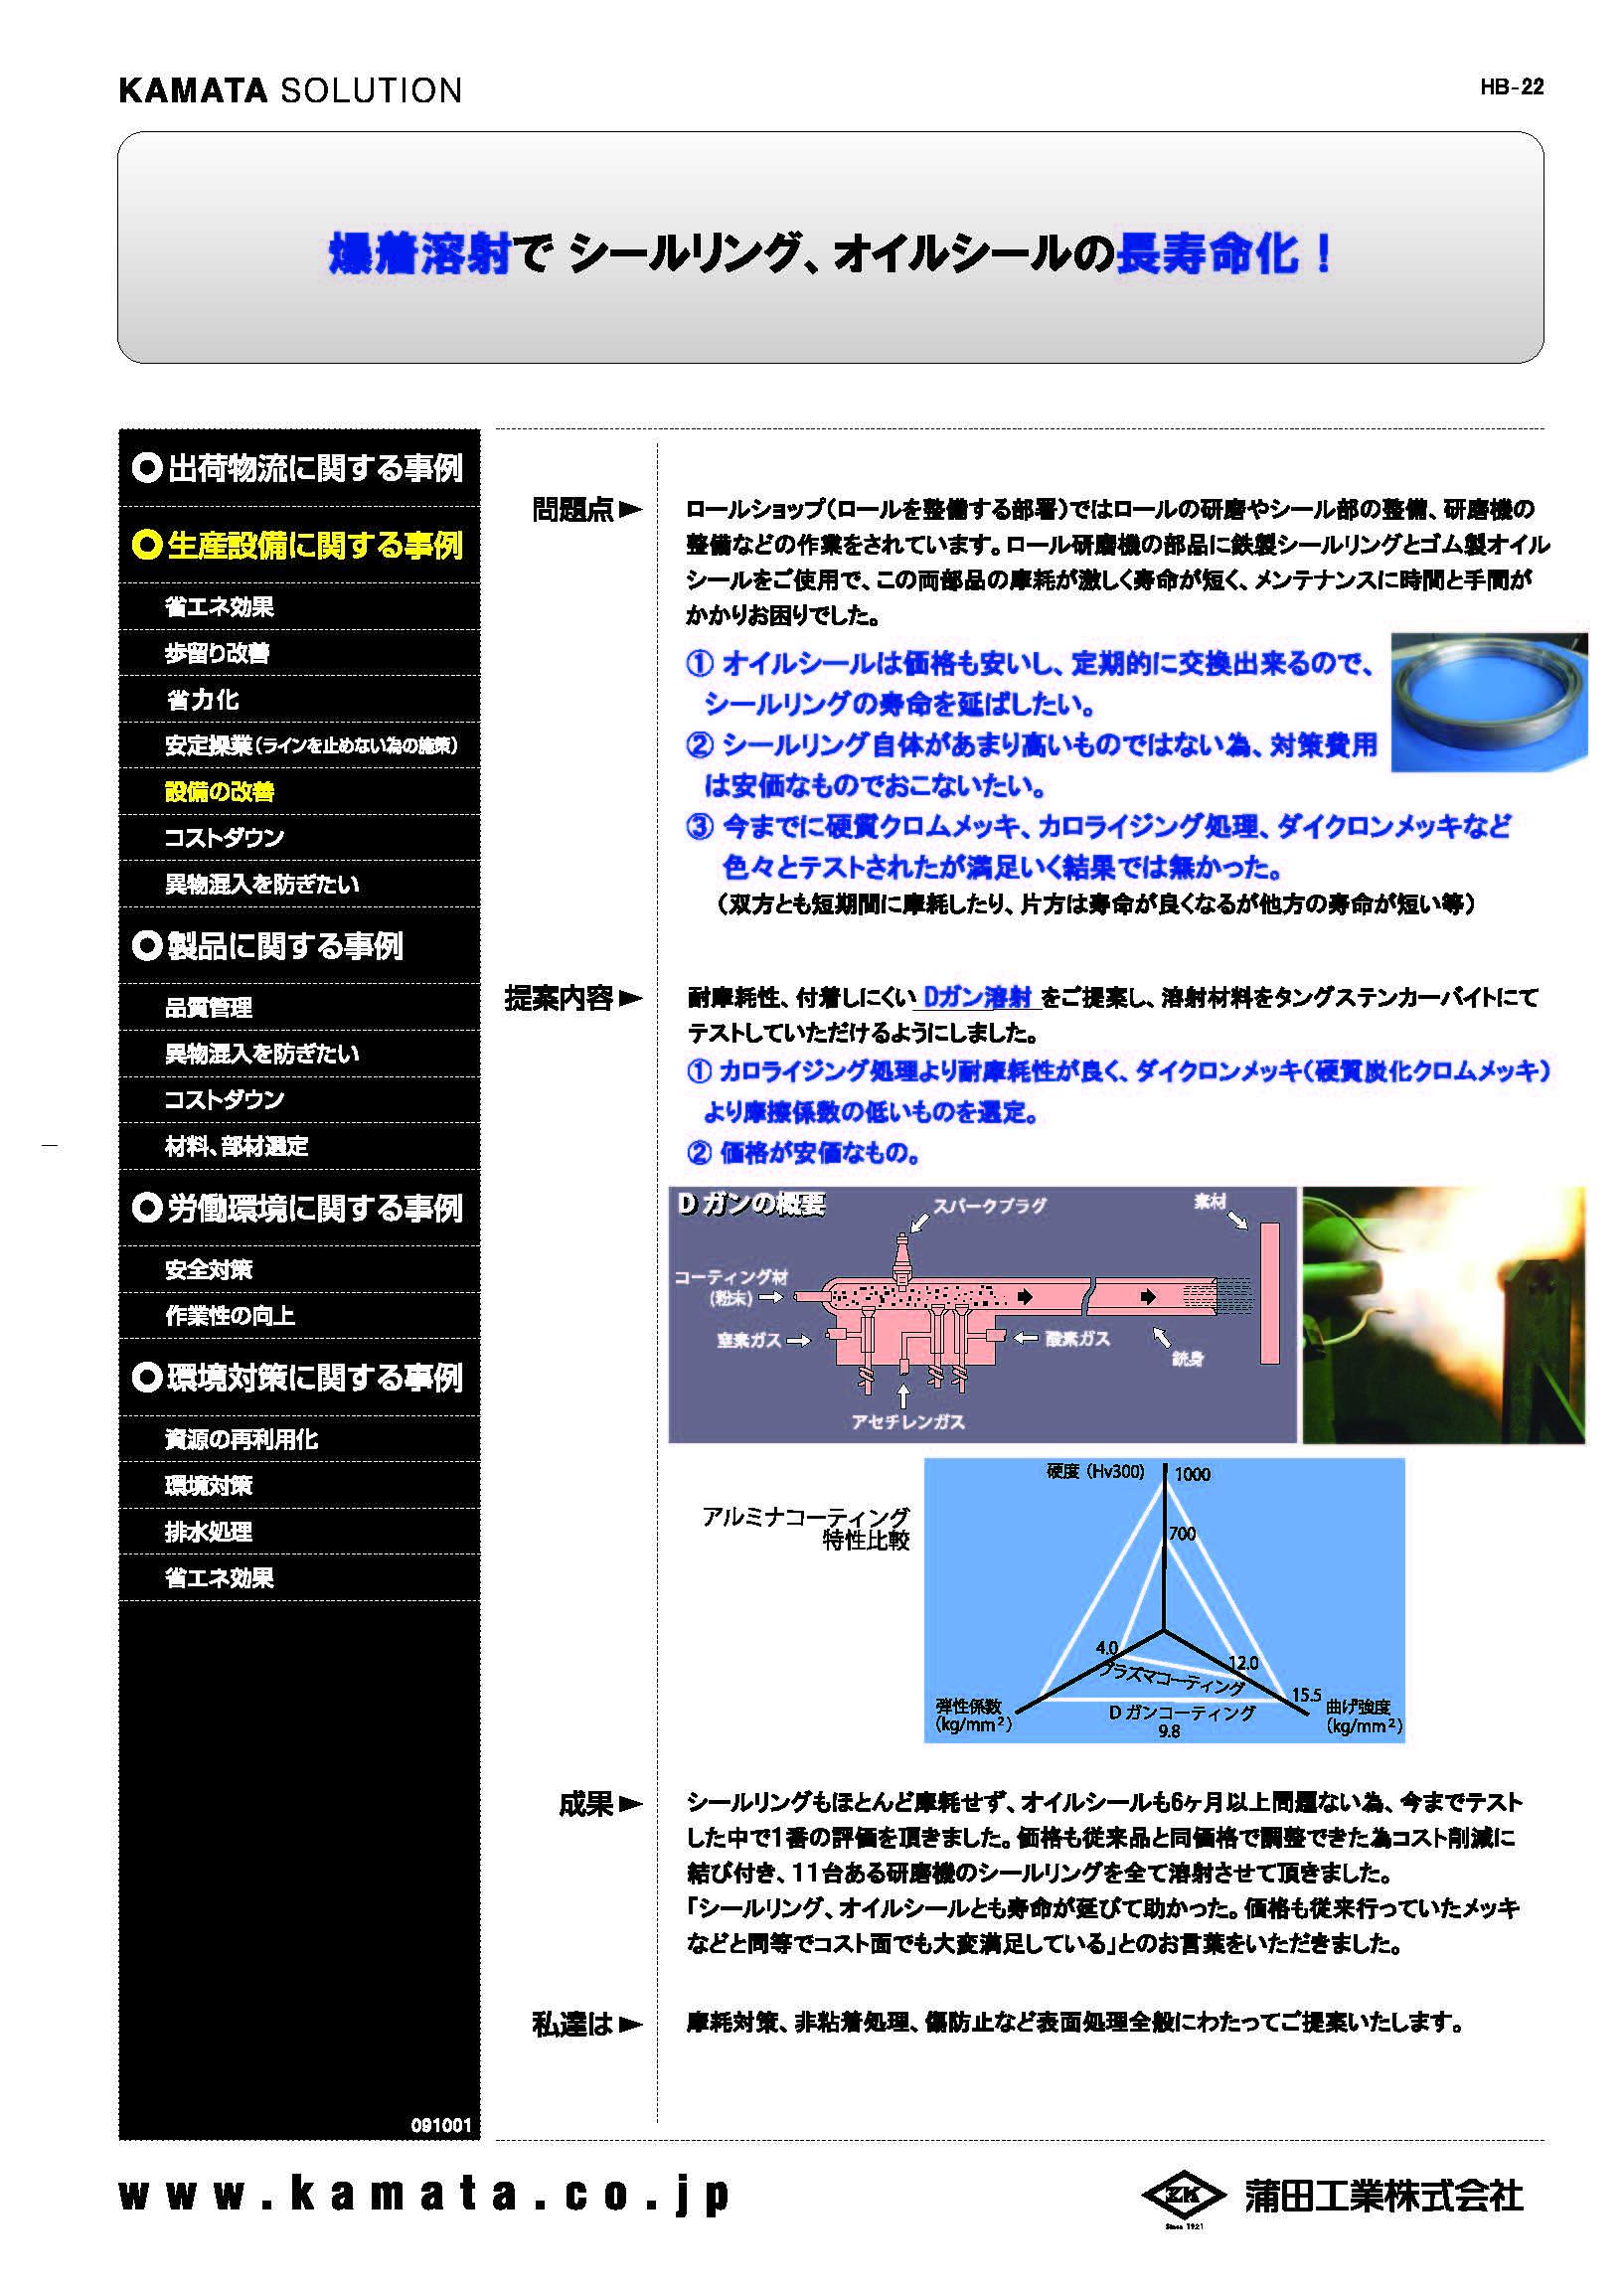 【事例紹介】爆着溶射でシールリング、オイルシールの長寿命化!